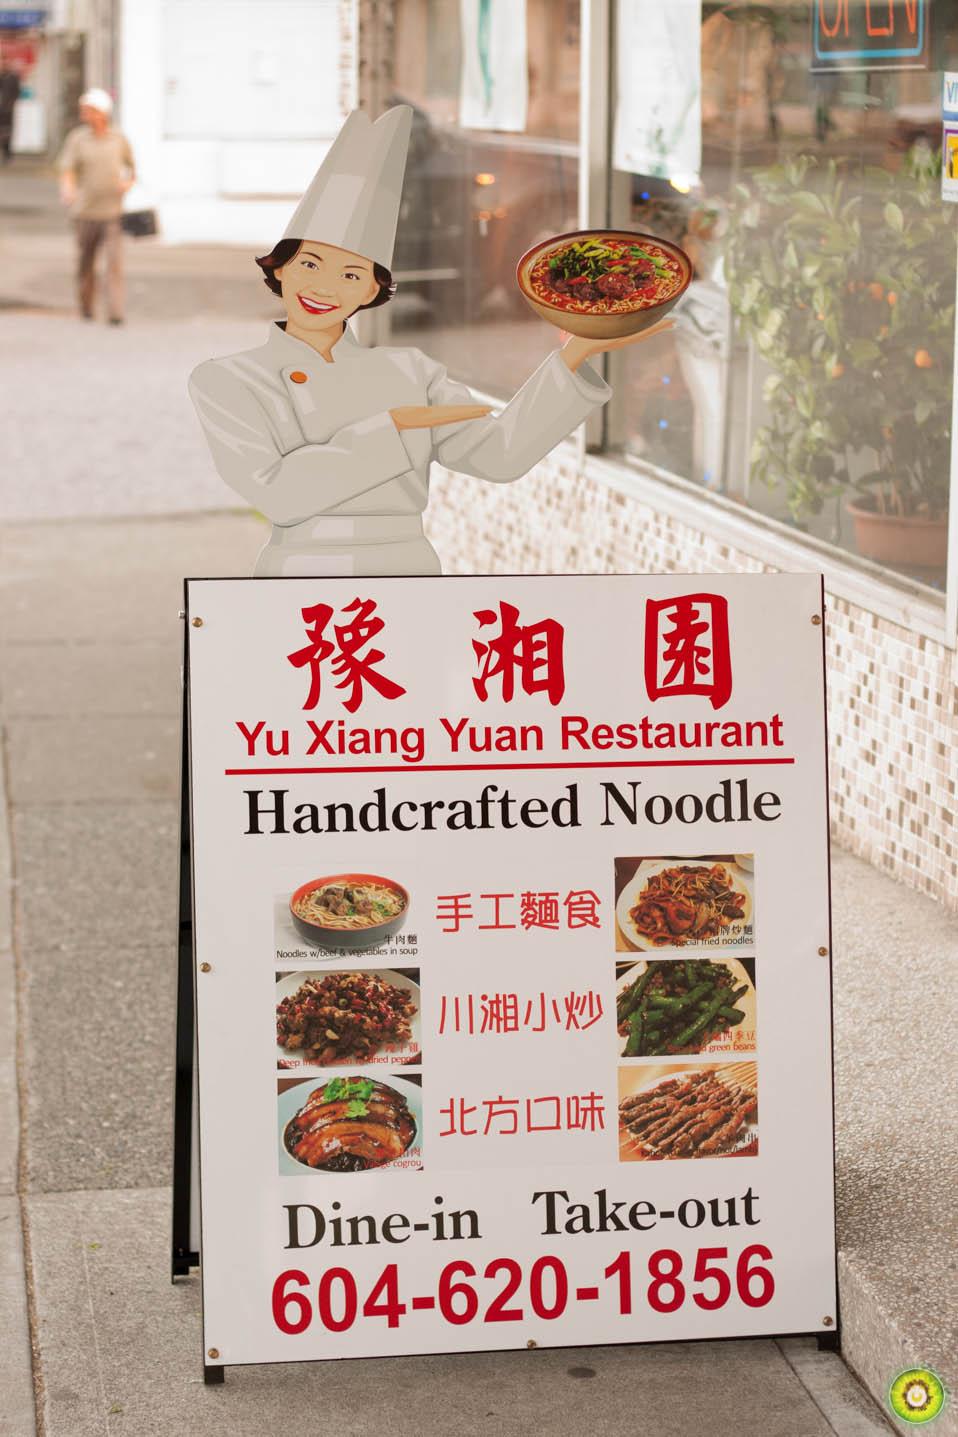 Yu Xiang Yuan Sign